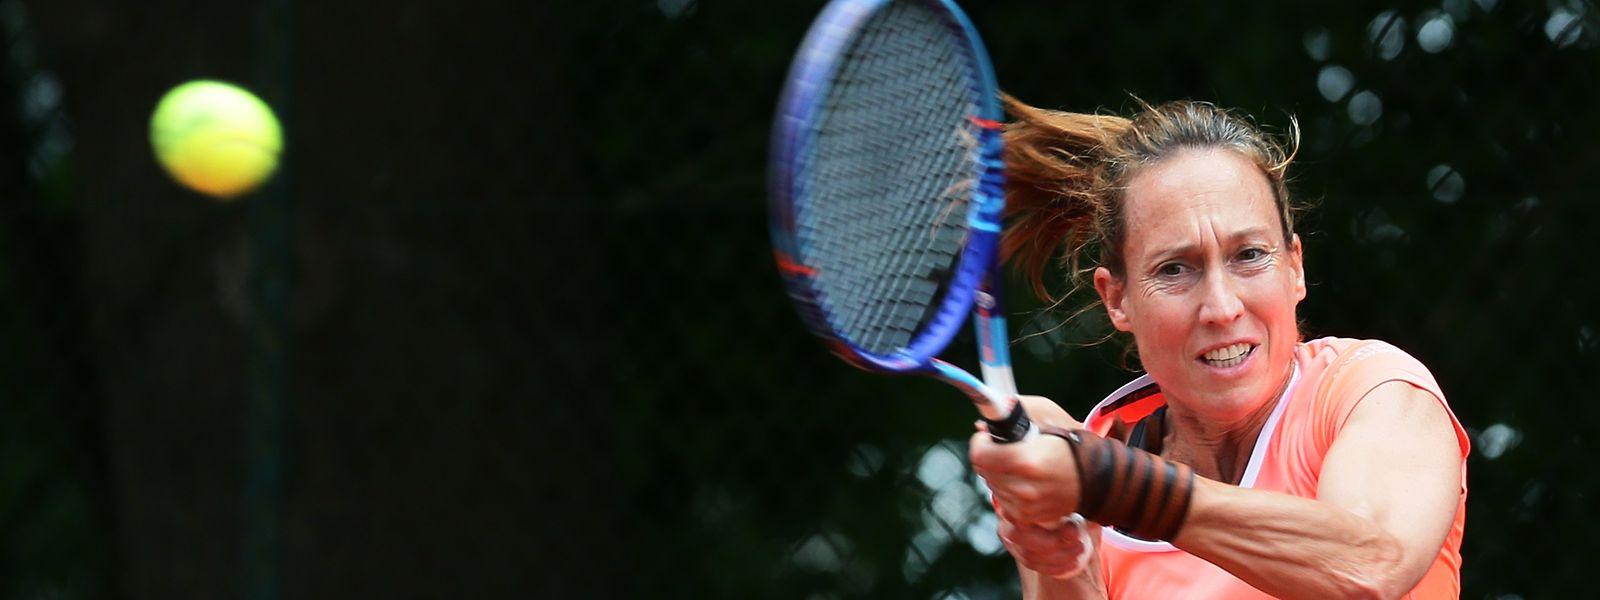 Anne Kremer kann ihren Spielerinnen mit ihren eigenen Erfahrungen aus dem Profibereich helfen.